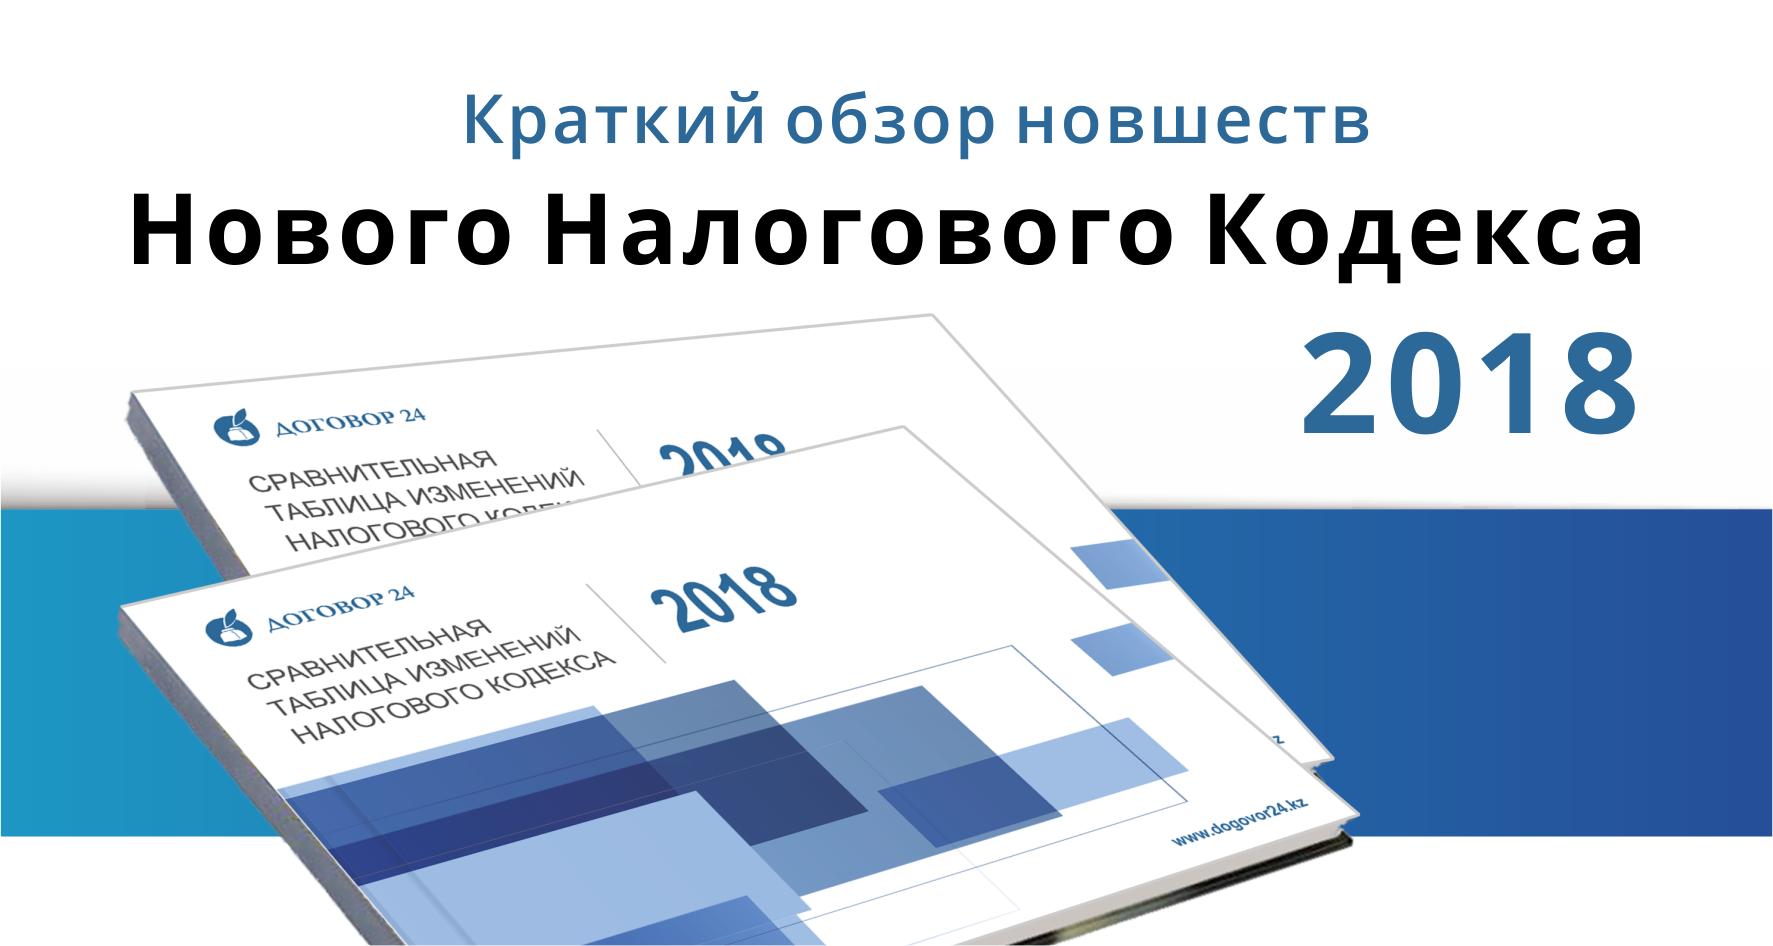 Скачать трудовой кодекс рк 2016 года.